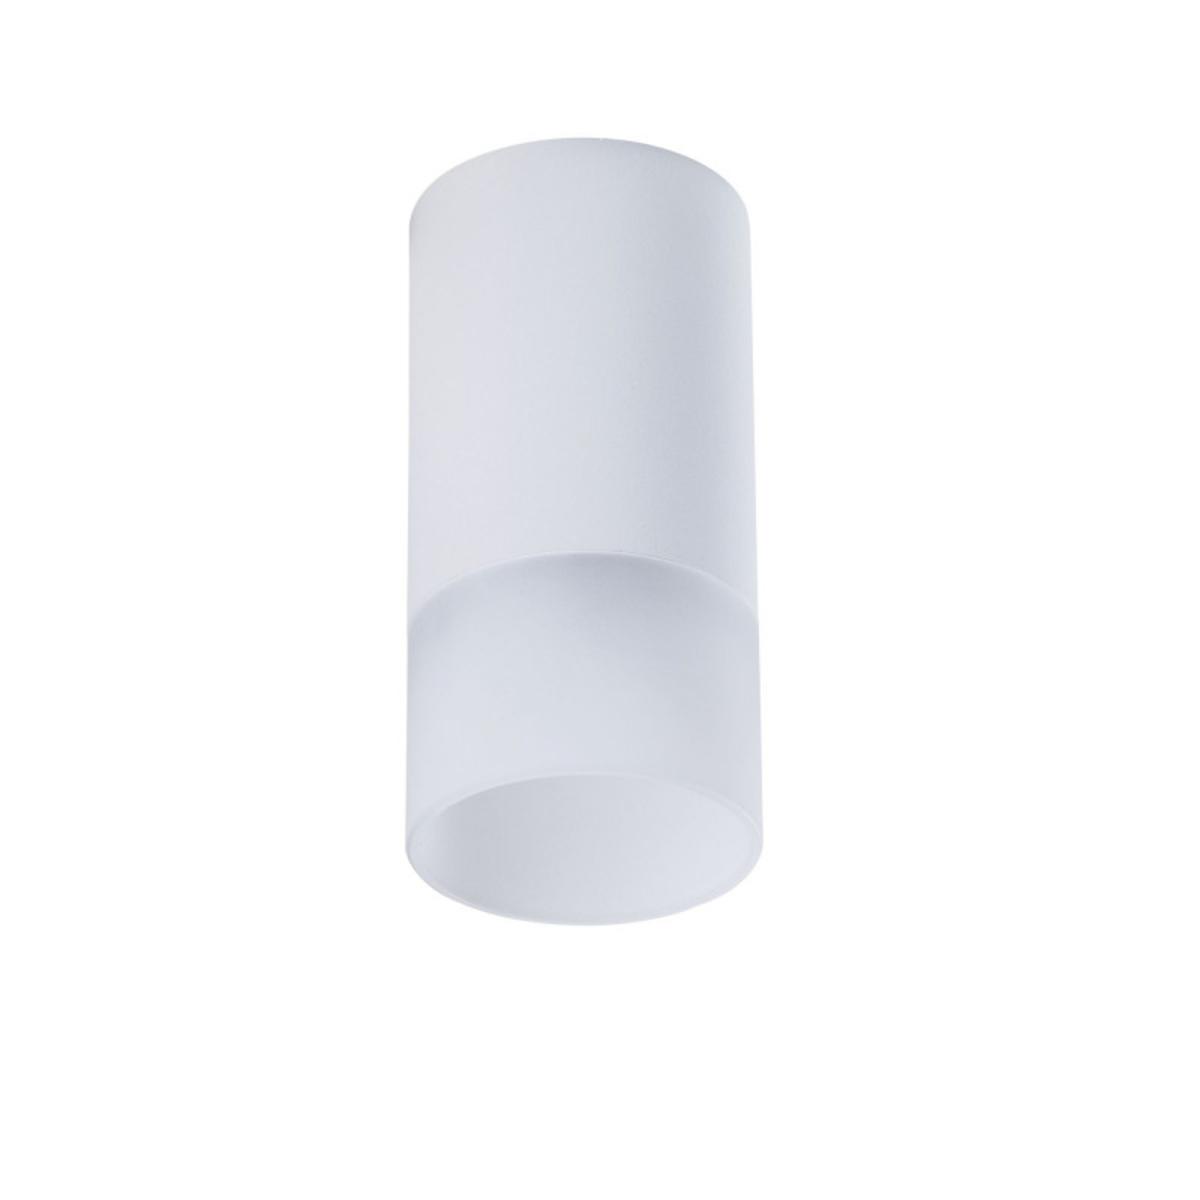 Купить Накладной светильник Ceiling & Wall+C007CW Накладной светильник Maytoni C007CW-01W (14616), HomeMe